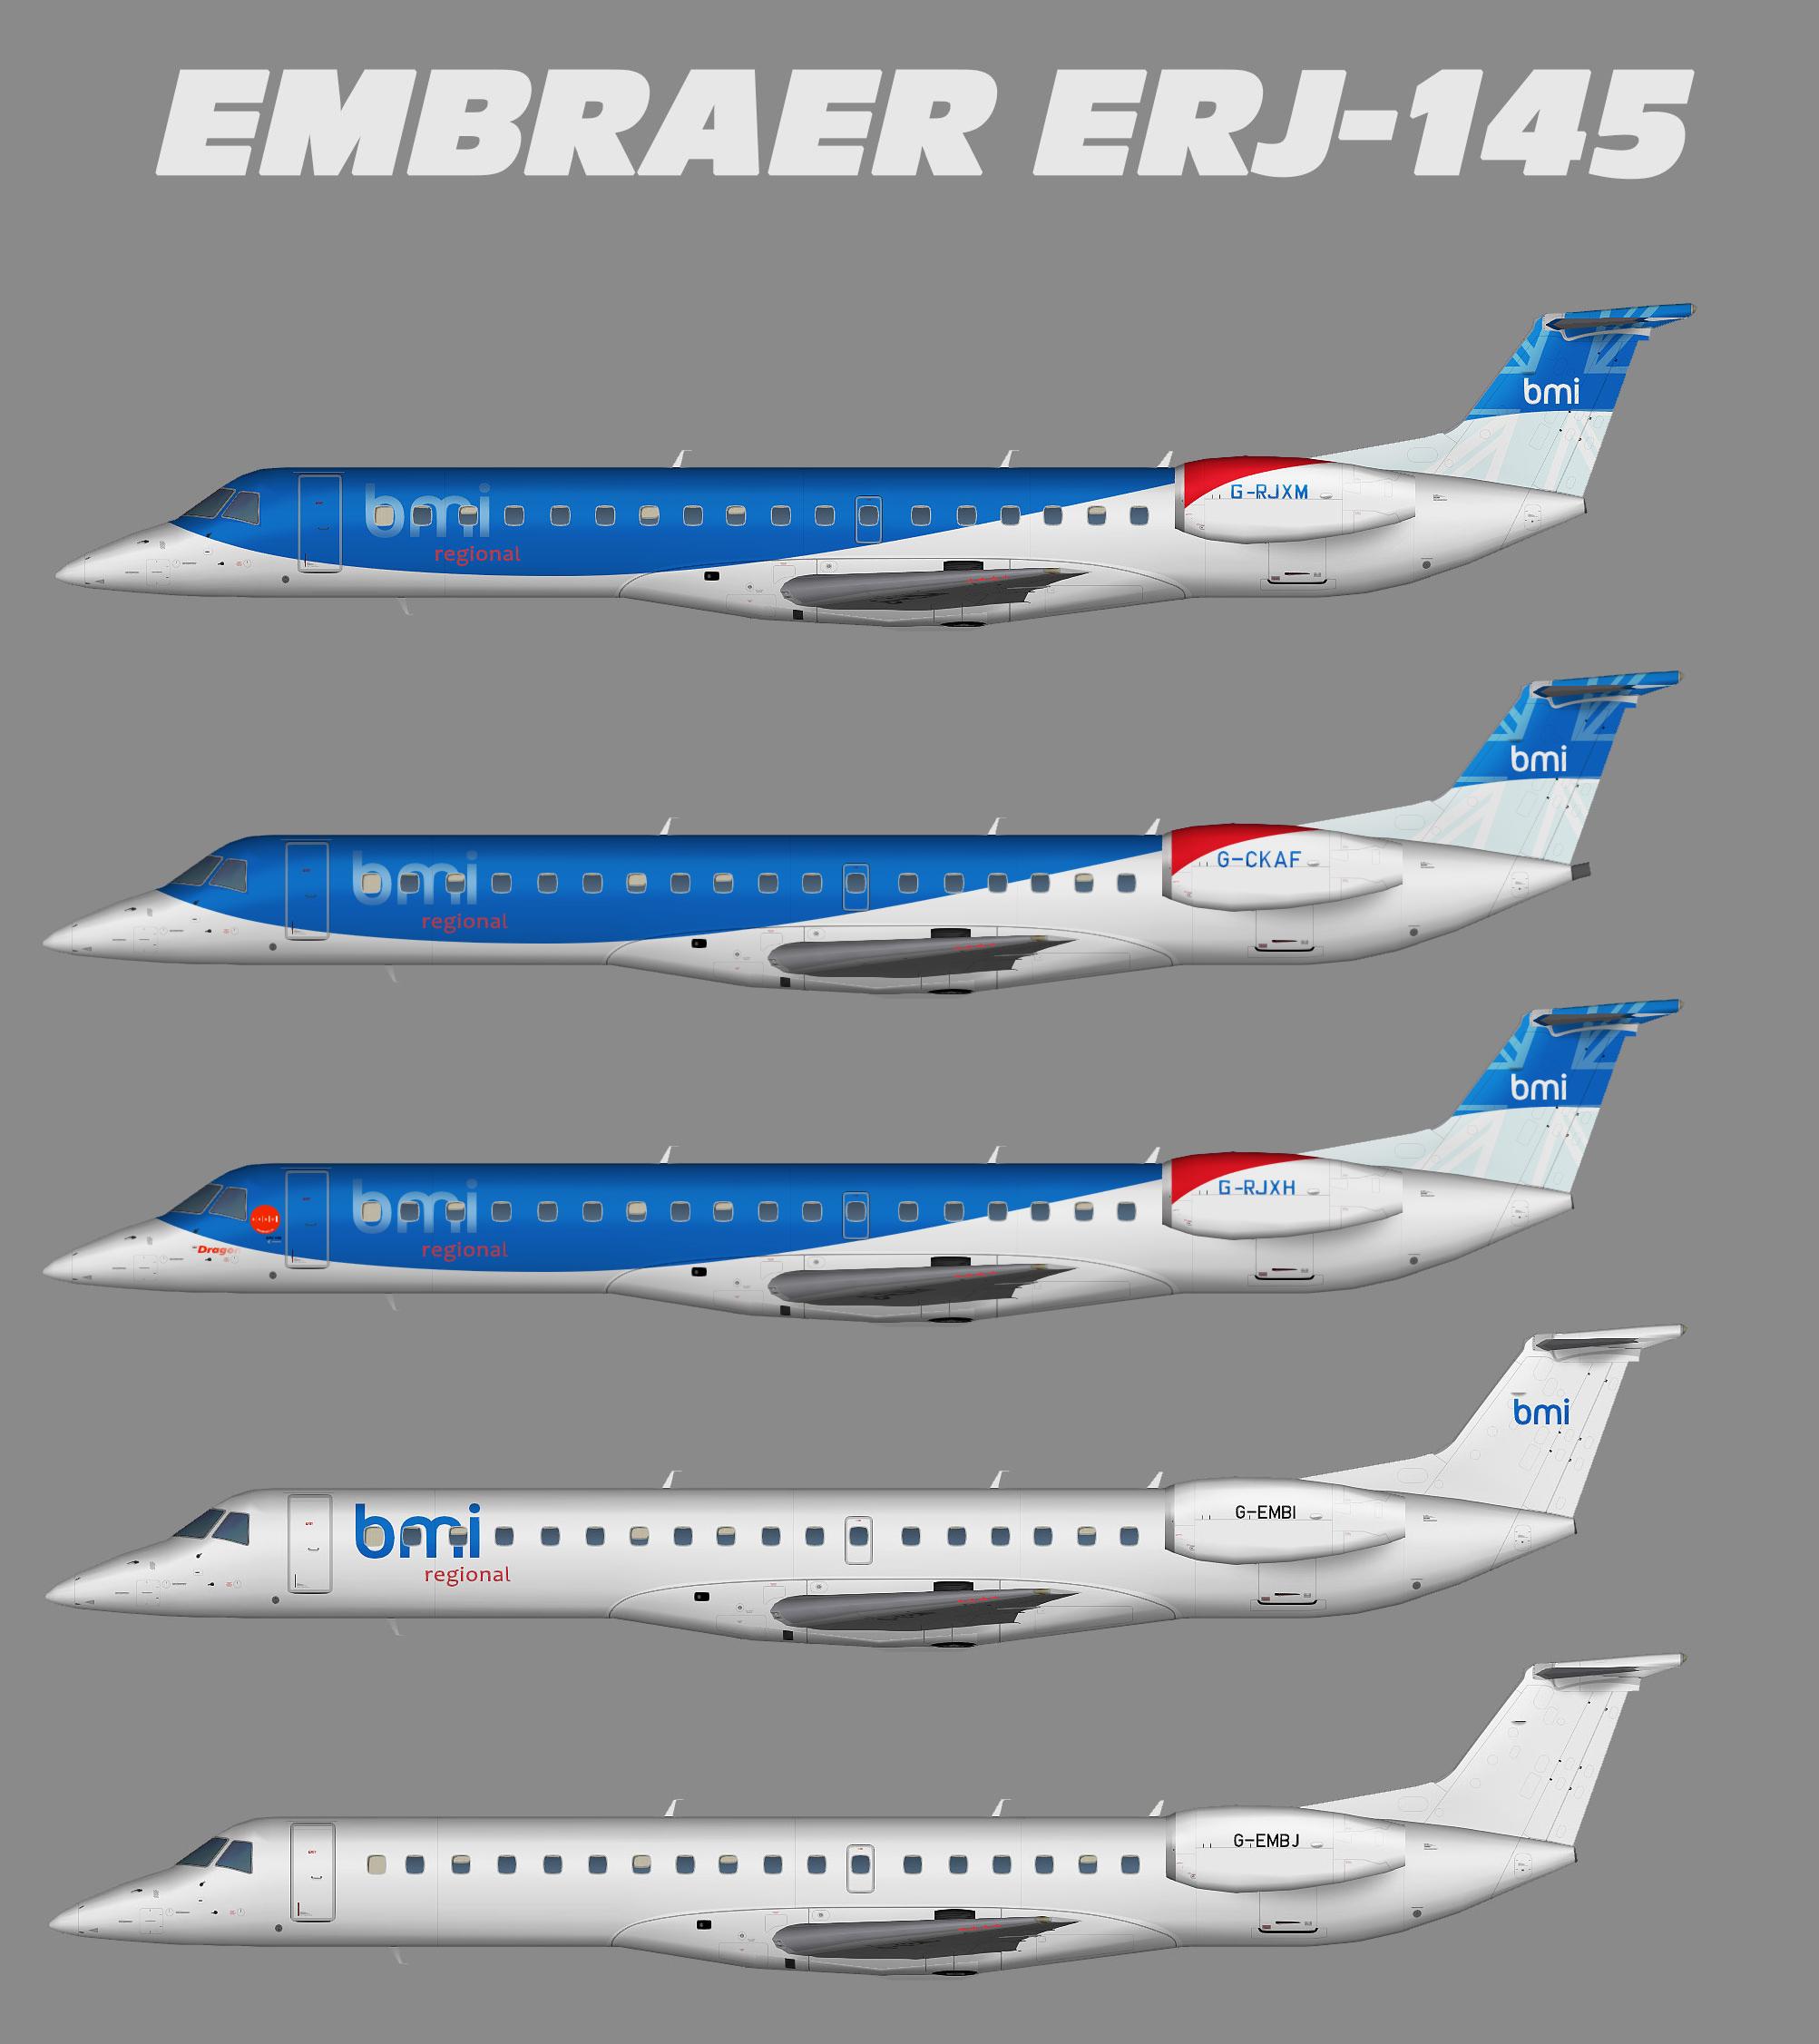 bmi Regional Embraer ERJ-145